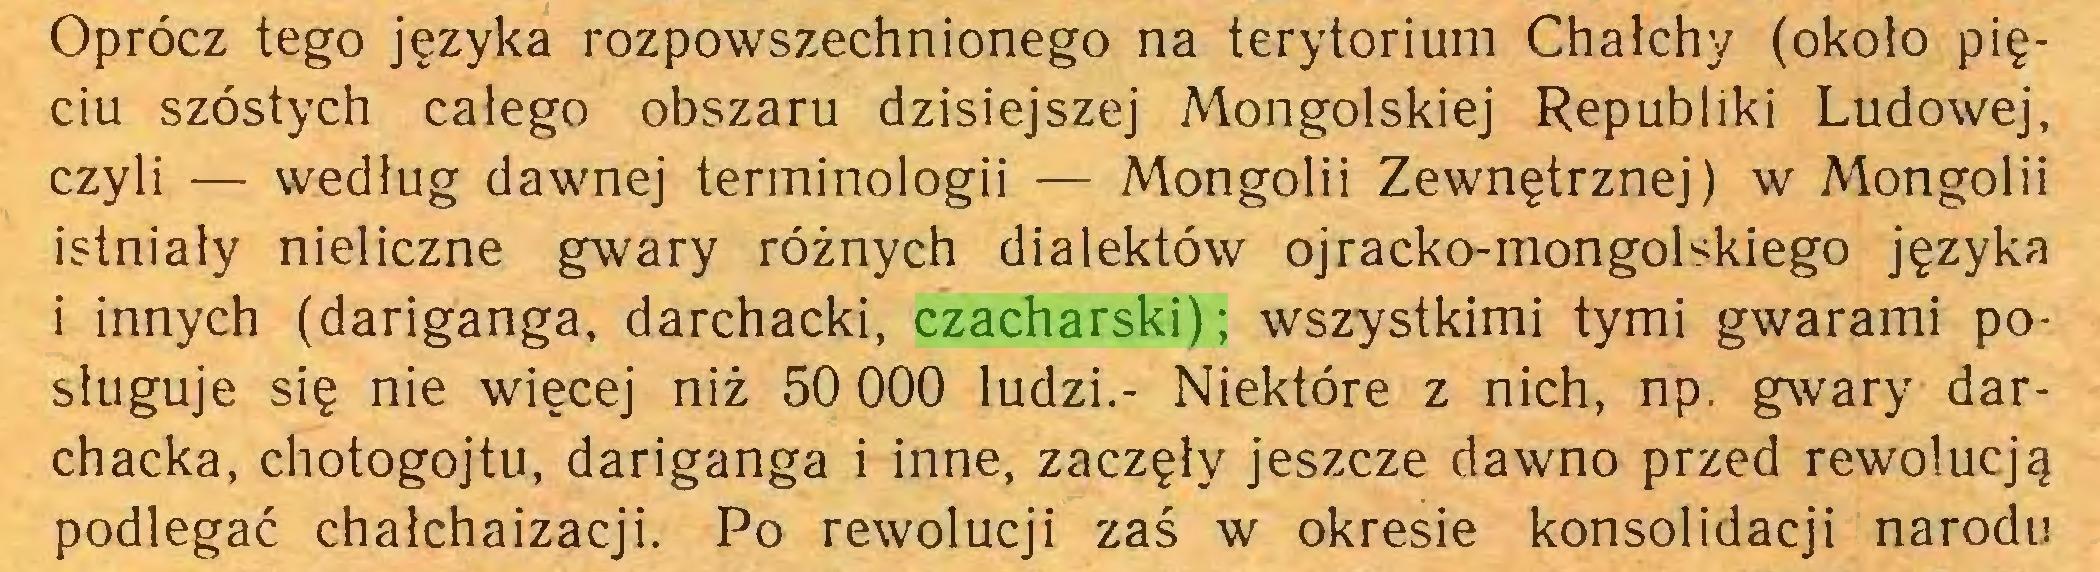 (...) Oprócz tego języka rozpowszechnionego na terytorium Chałchy (około pięciu szóstych całego obszaru dzisiejszej Mongolskiej Republiki Ludowej, czyli — według dawnej terminologii — Mongolii Zewnętrznej) w Mongolii istniały nieliczne gwary różnych dialektów ojracko-mongolskiego języka i innych (dariganga, darchacki, czacharski); wszystkimi tymi gwarami posługuje się nie więcej niż 50 000 ludzi.- Niektóre z nich, np. gwary darchacka, chotogojtu, dariganga i inne, zaczęły jeszcze dawno przed rewolucją podlegać chalchaizacji. Po rewolucji zaś w okresie konsolidacji narodu...